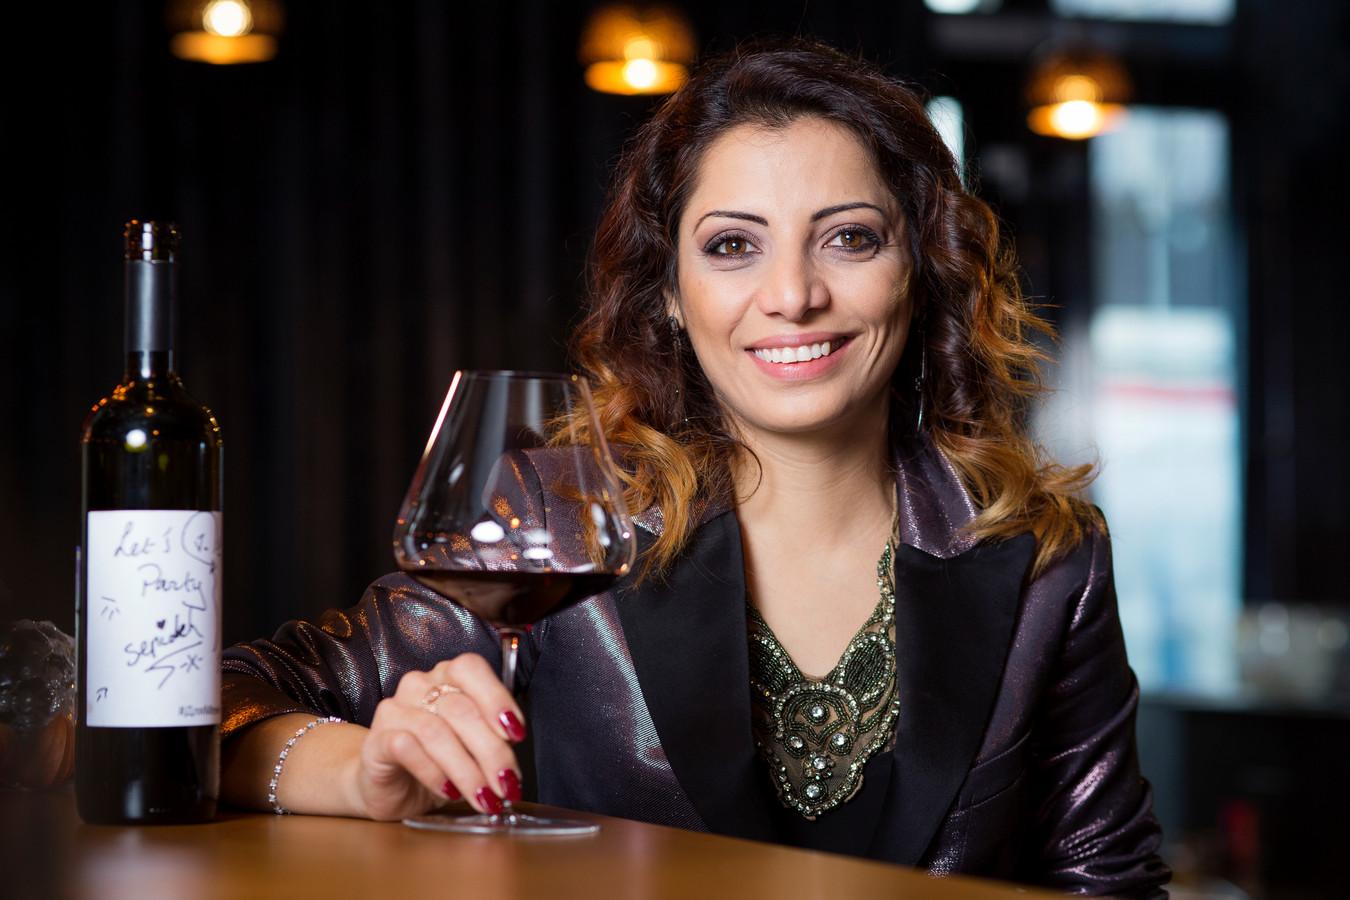 Sepideh selecteert de top 10 wijnen uit speciaalzaken.